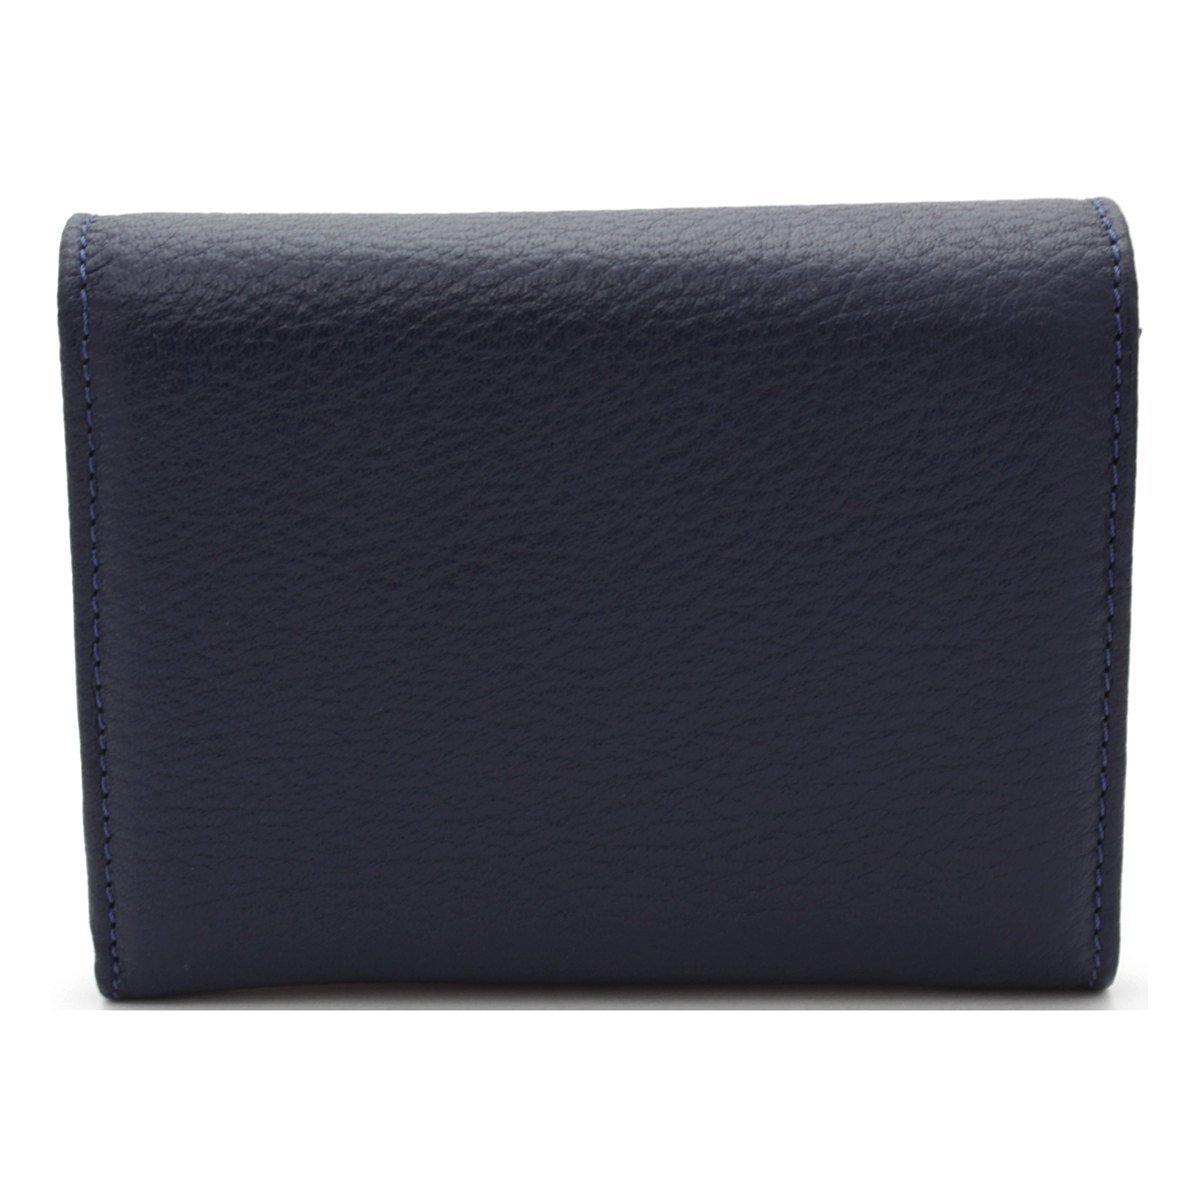 Дамско Портмоне Тъмно Синьо Естествена Кожа АРТ# 4955